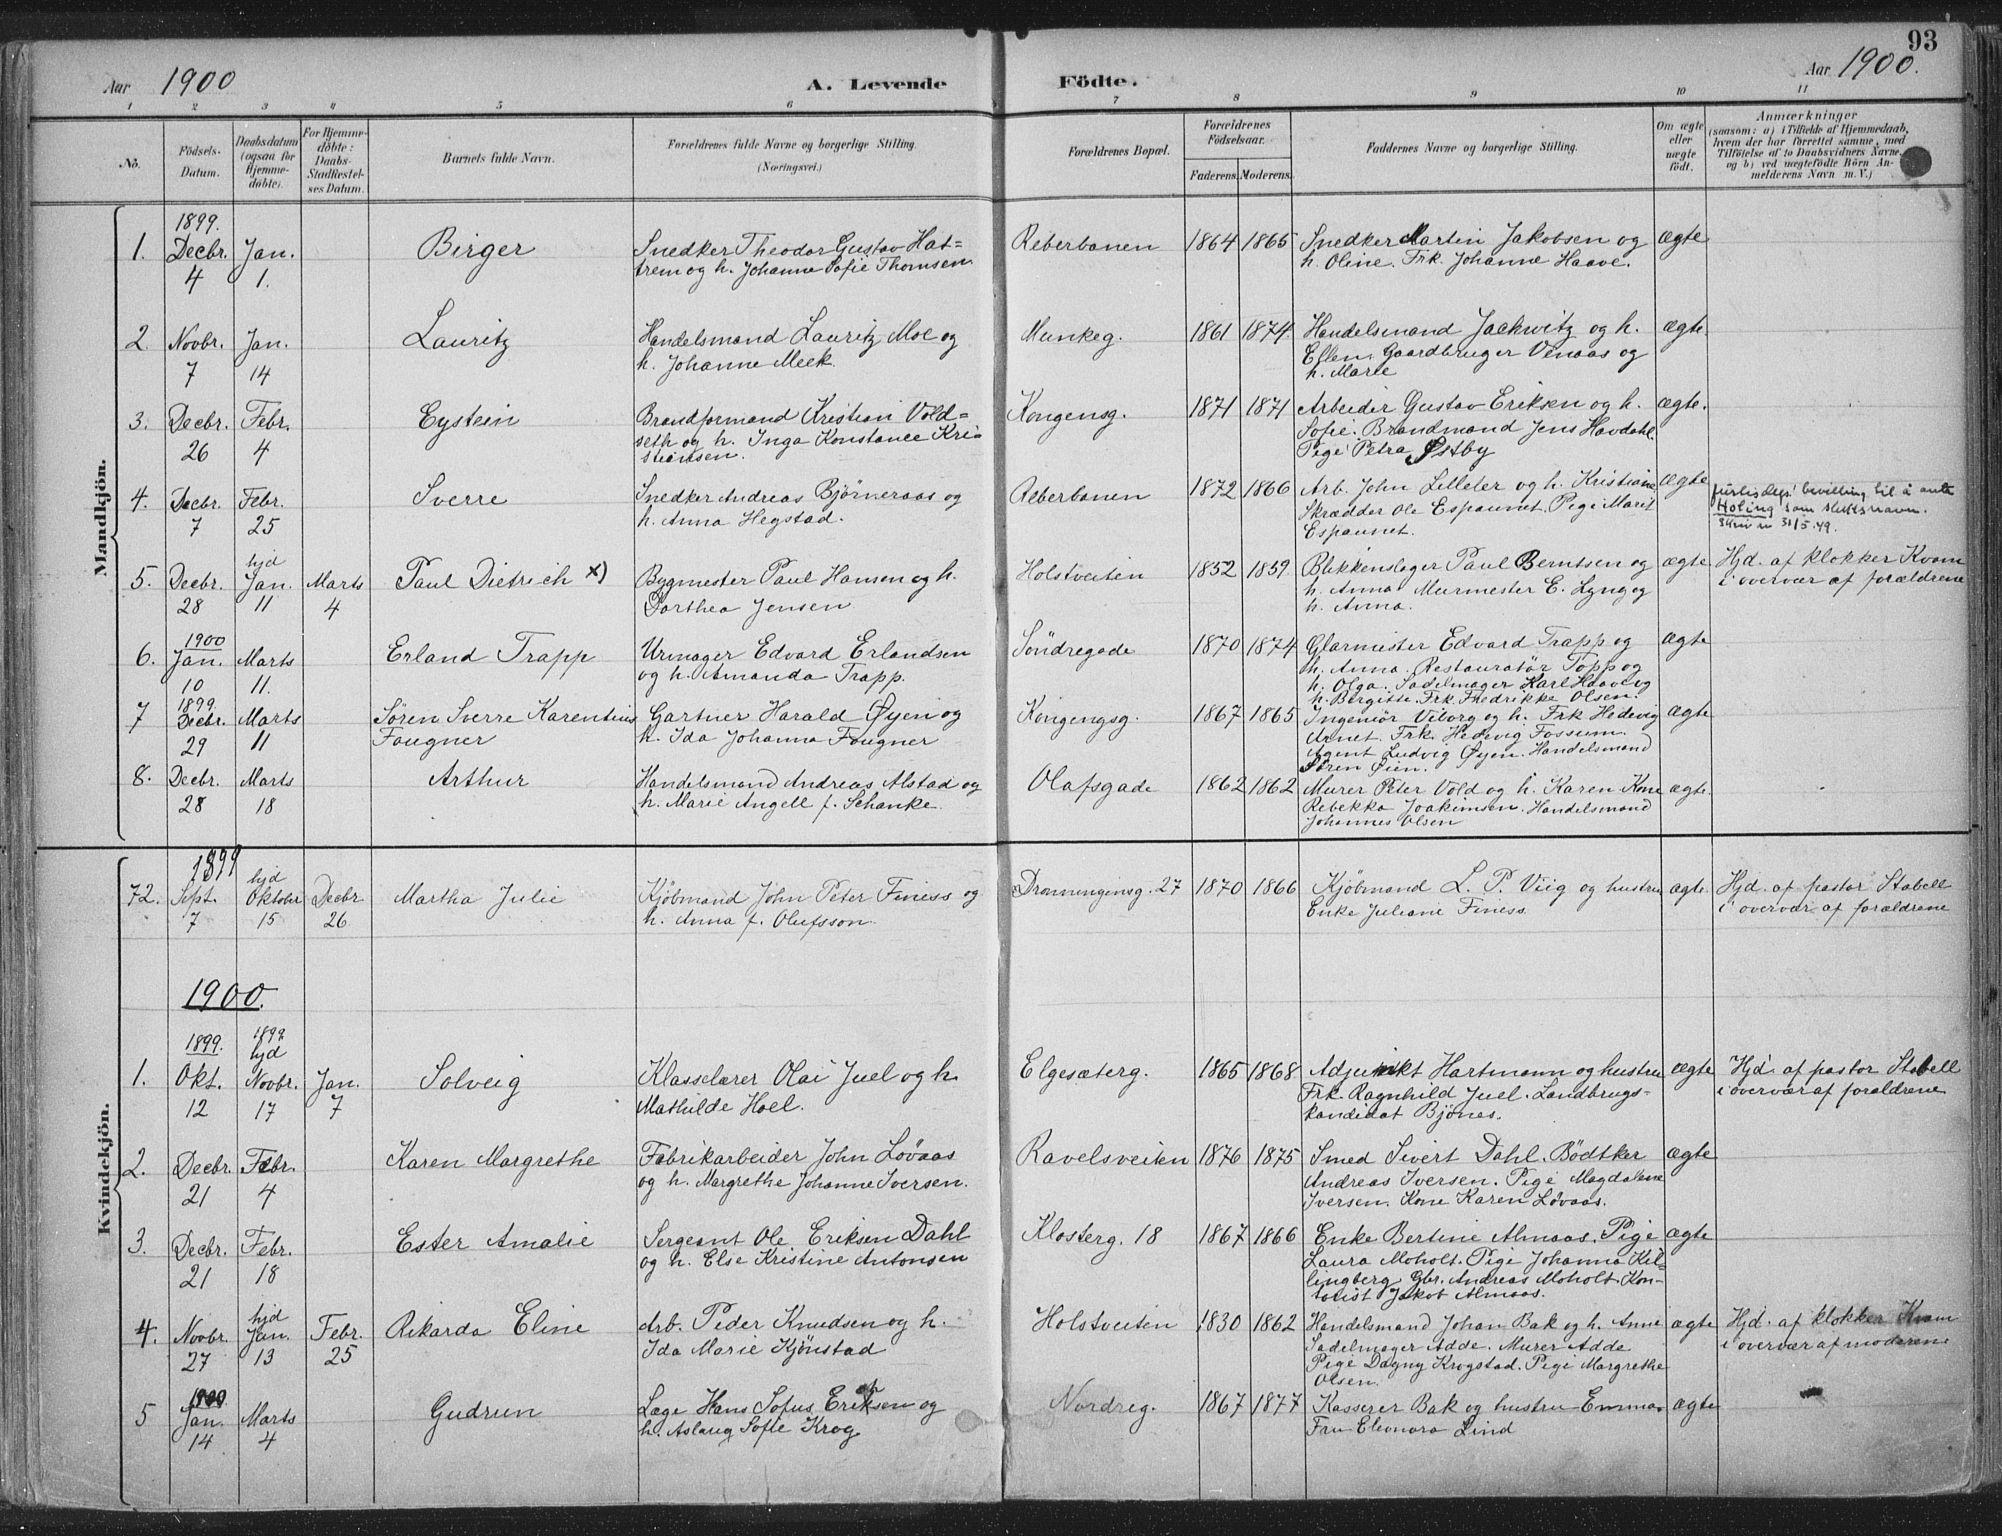 SAT, Ministerialprotokoller, klokkerbøker og fødselsregistre - Sør-Trøndelag, 601/L0062: Ministerialbok nr. 601A30, 1891-1911, s. 93